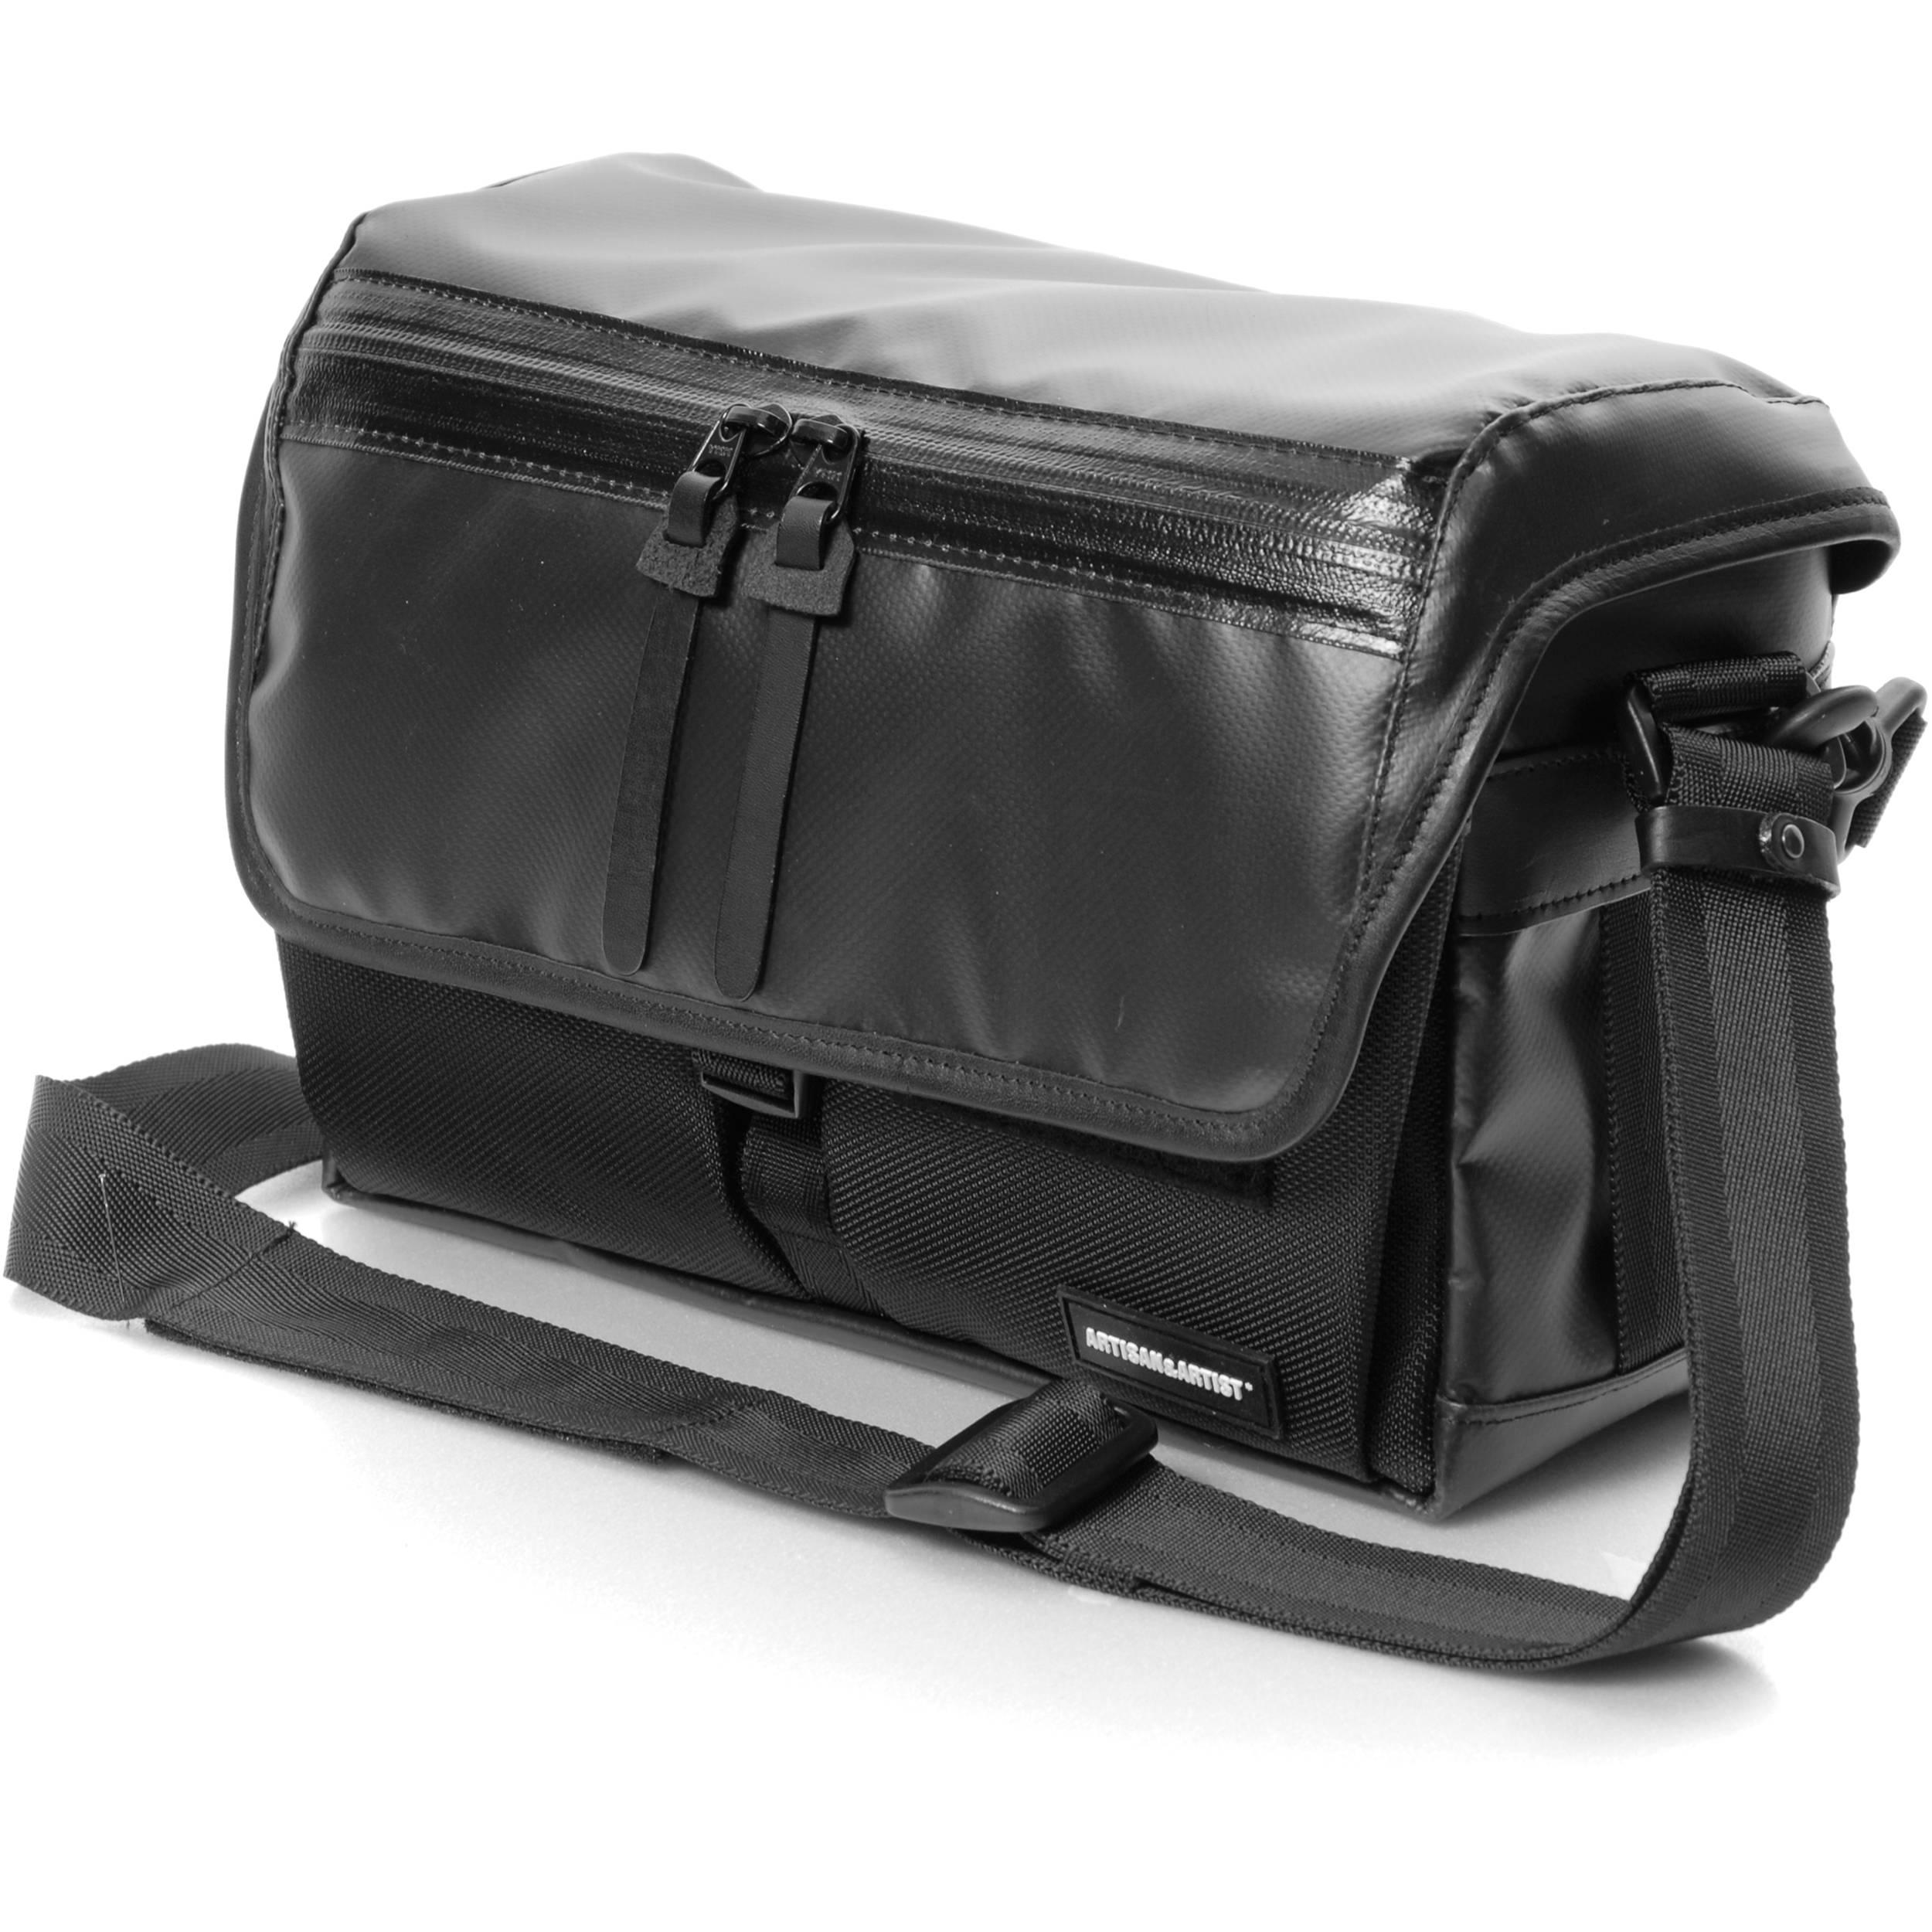 Artisan Artist Wcam 7500 Waterproof Camera Bag Aawcam7500blk